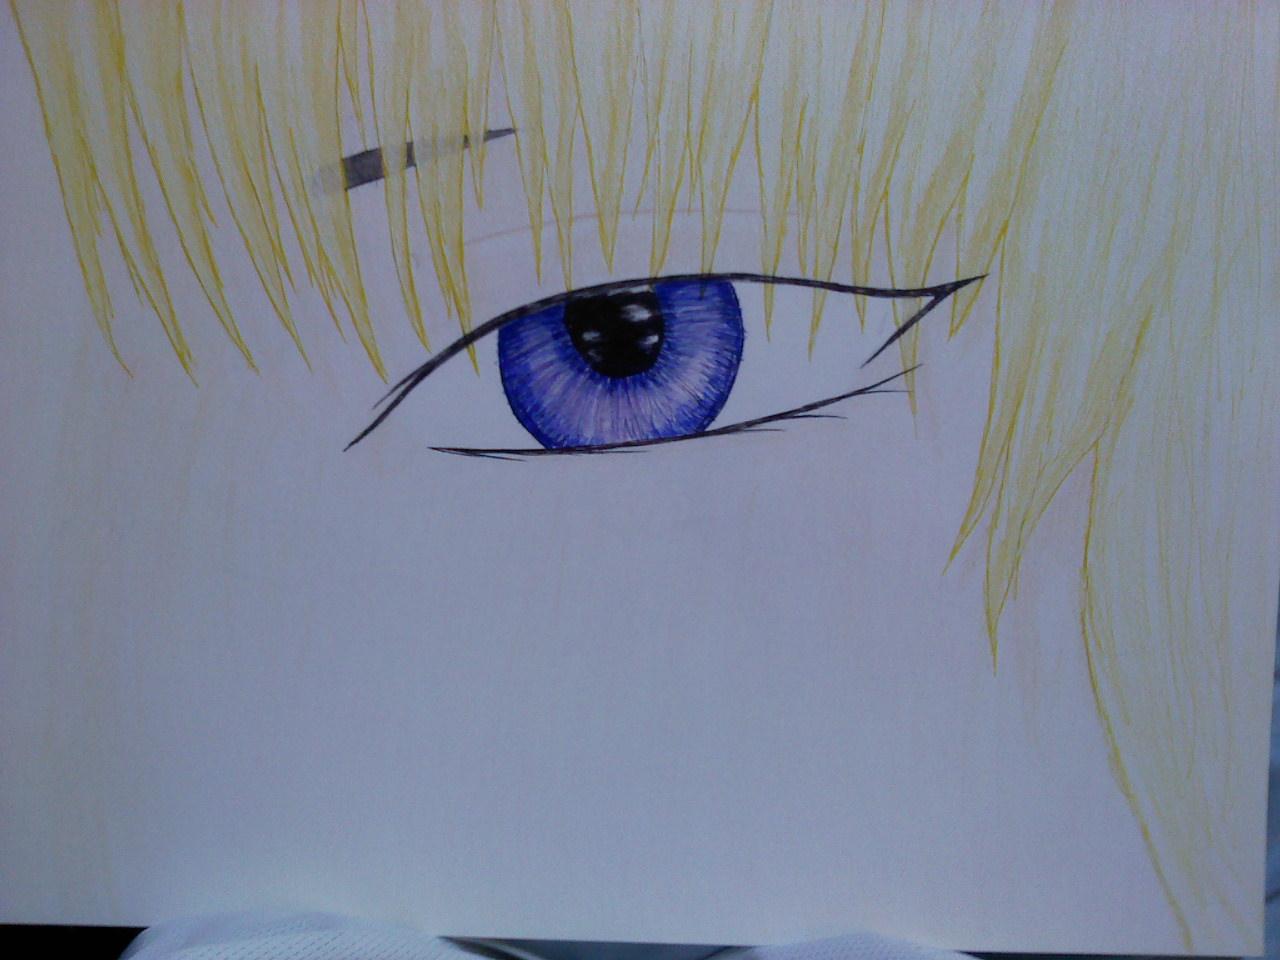 A Big Eye (waka) by Wishsayer